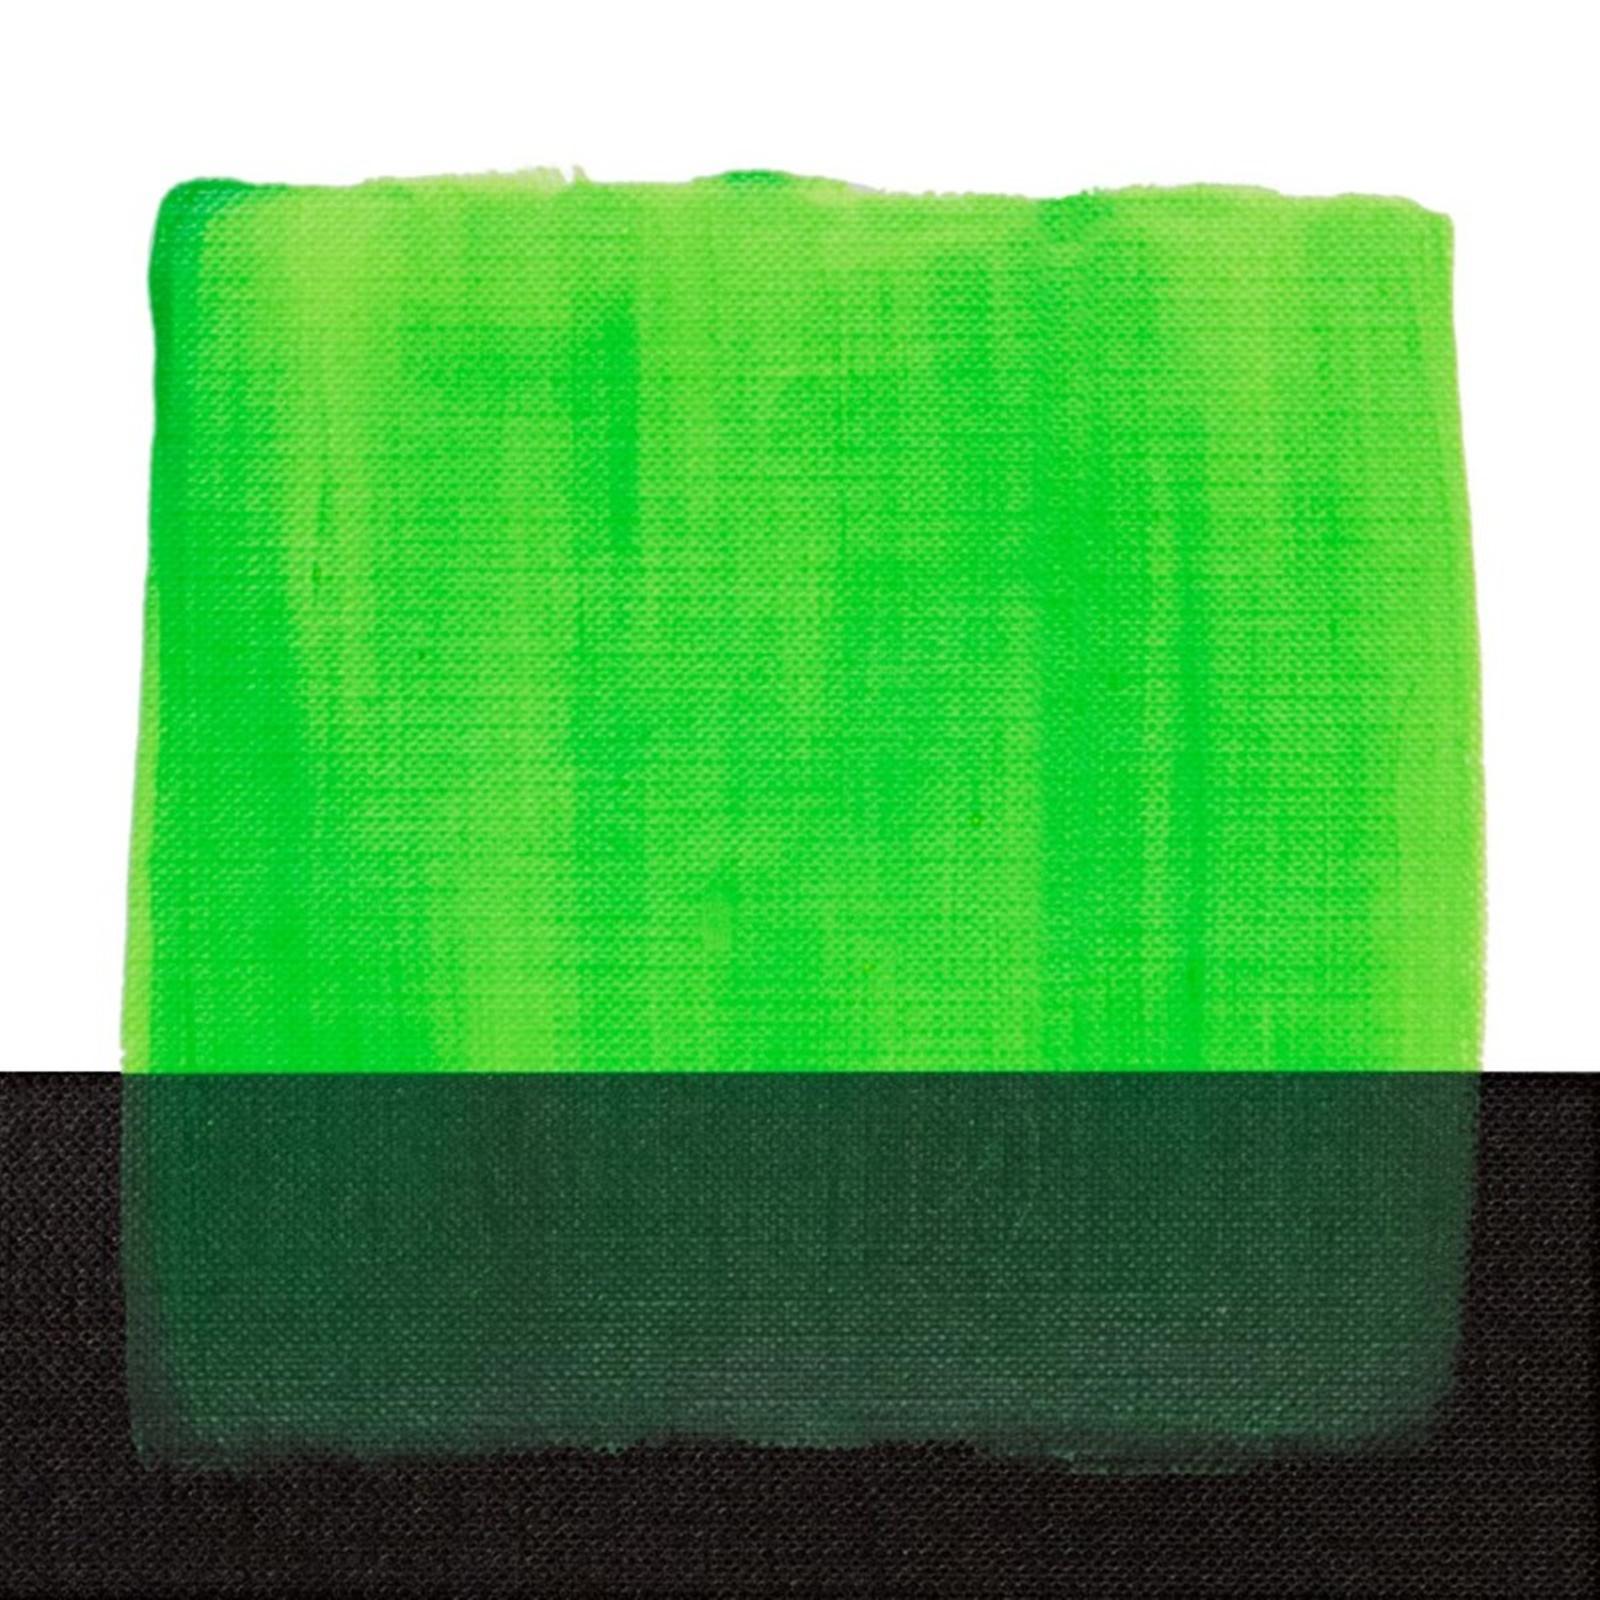 verde fluorescent